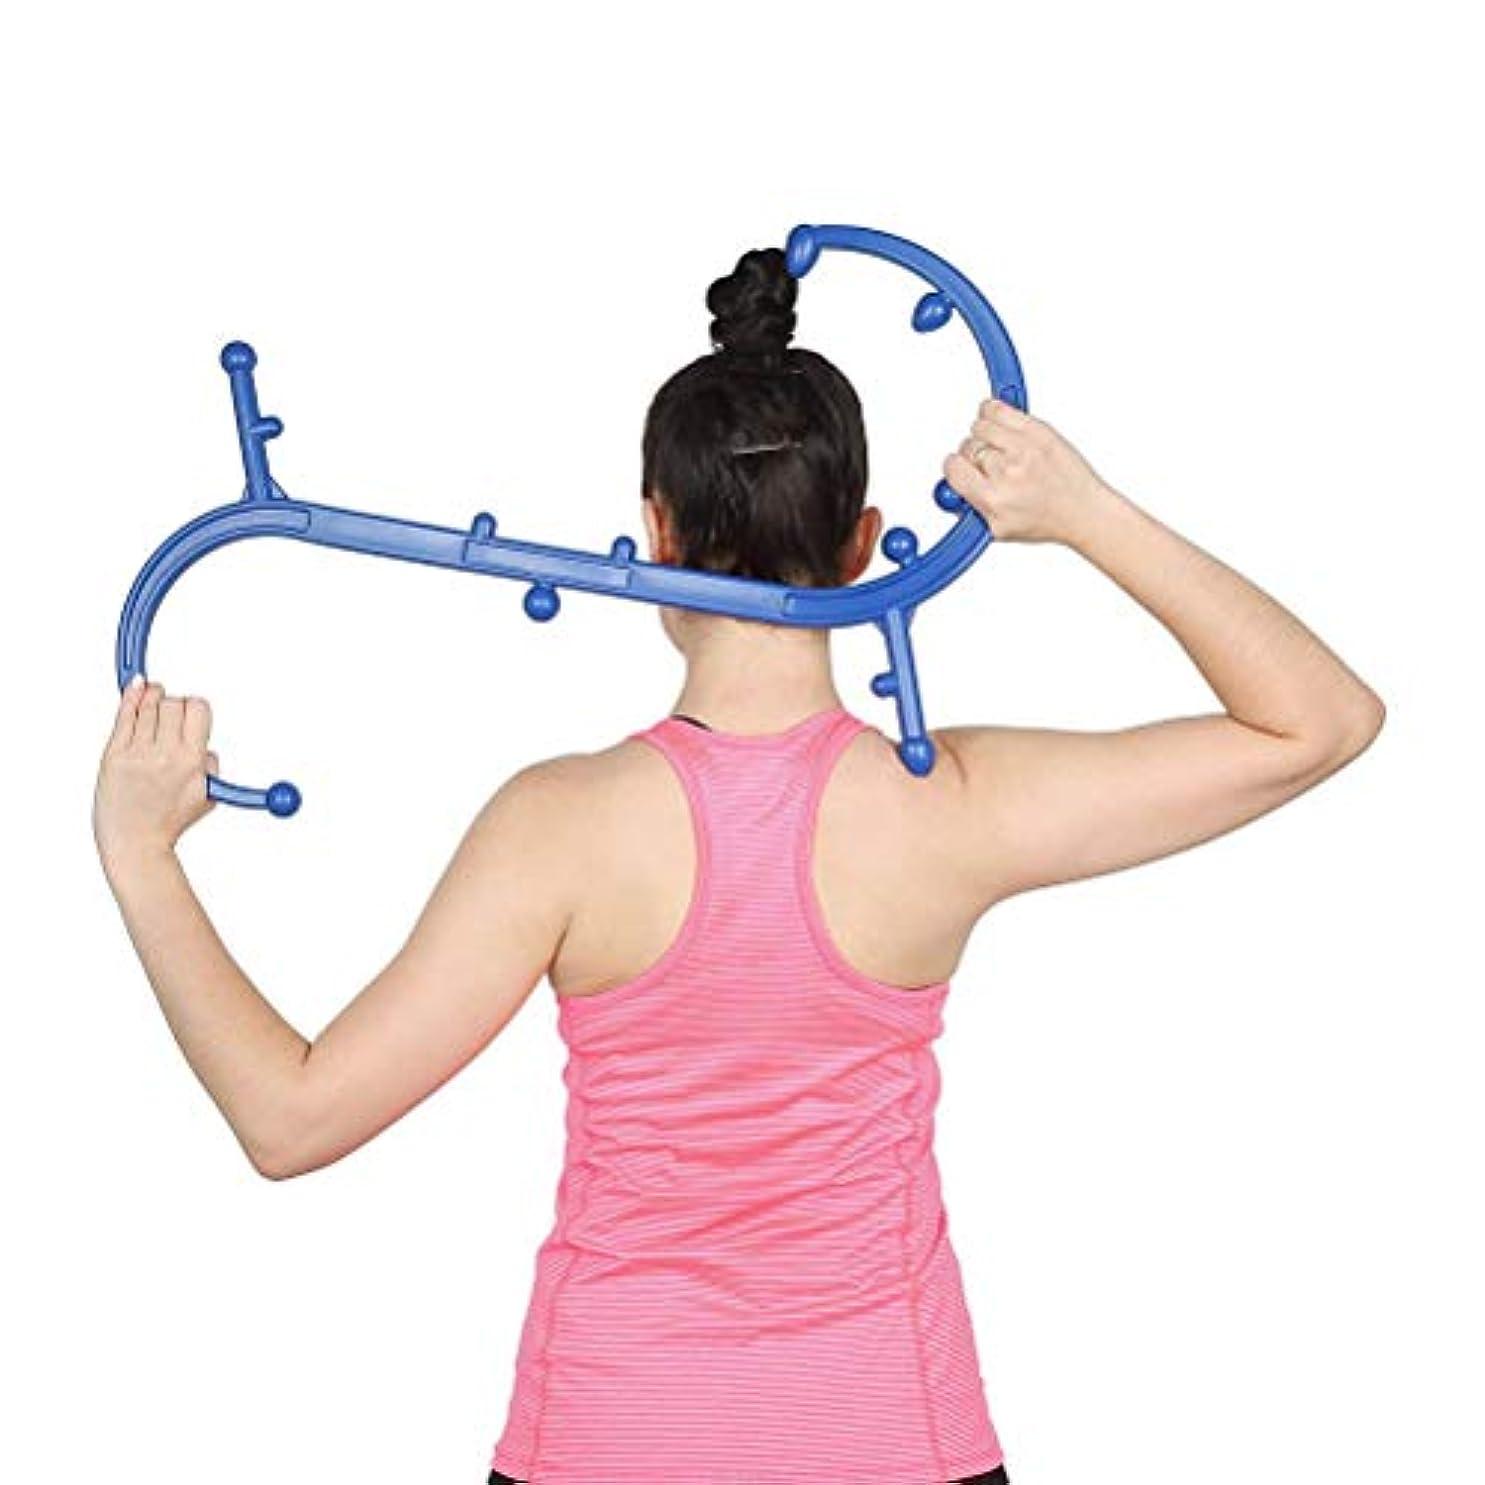 可塑性レスリング一口Quner 指圧代用器 ボディバックバディ ツボ押しグッズ ネックマッサージャー 肩こり解消 Trigger Point Therapy Self Massage (ブルー)